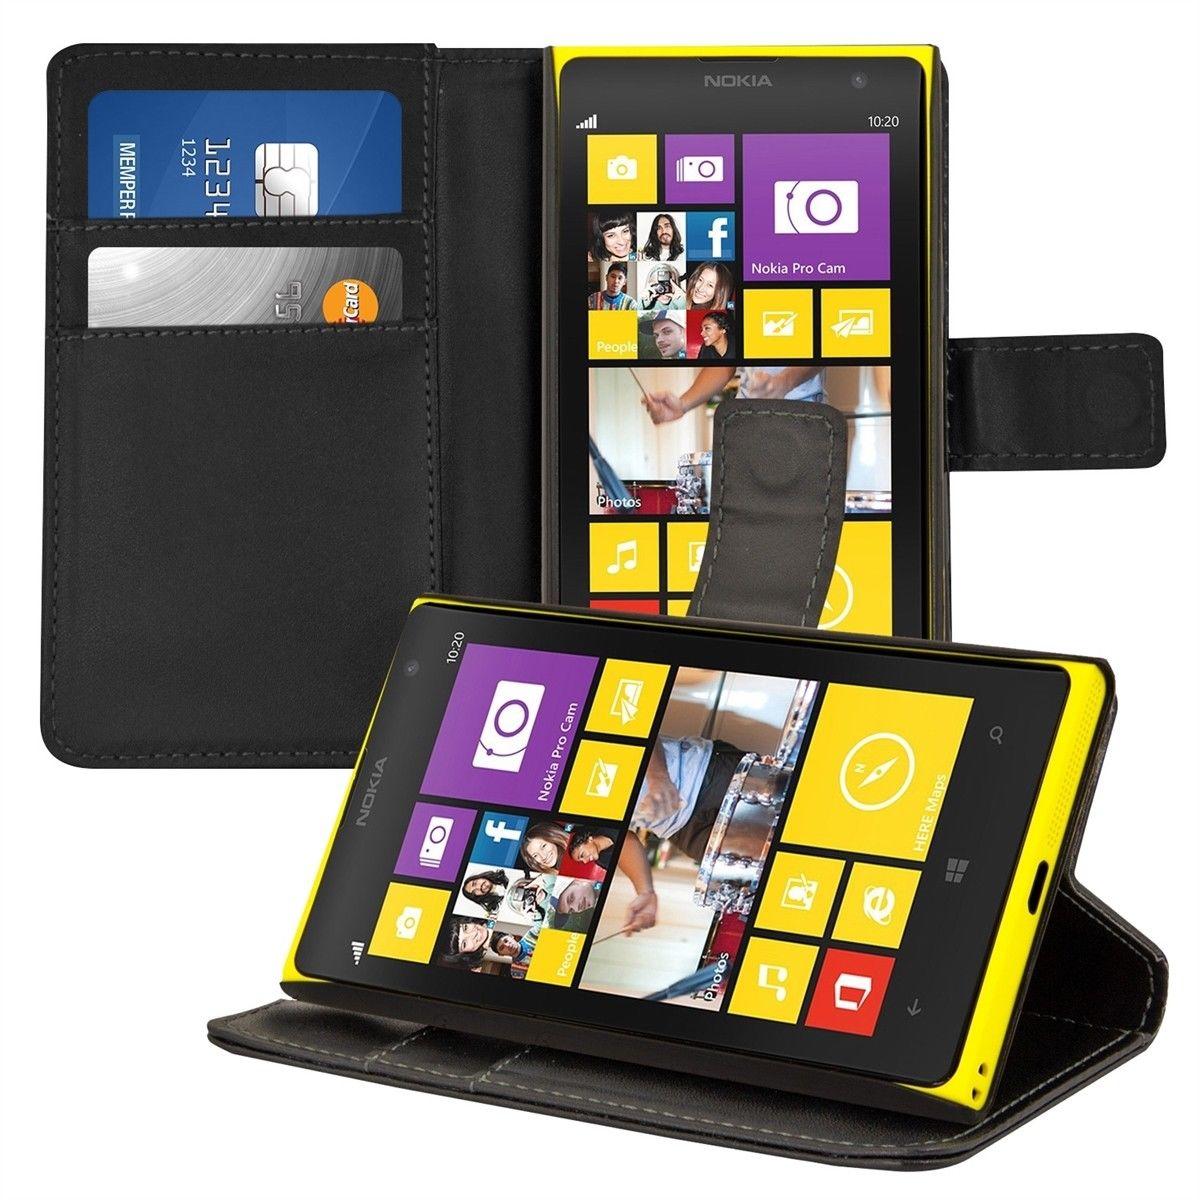 Pouzdro pro Nokia Lumia 1020 černé